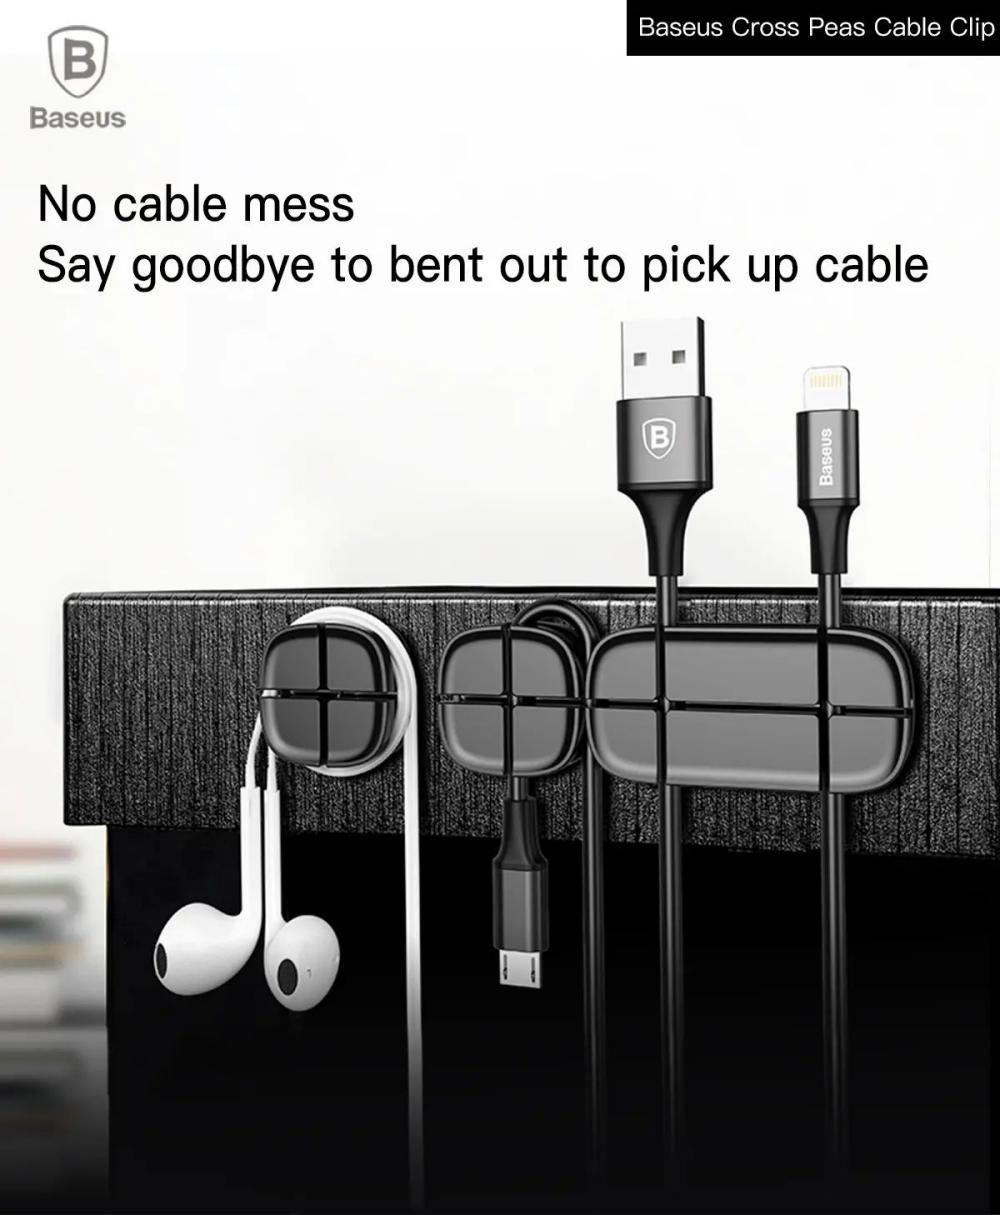 Baseus Cross Peas Cable Clips Flexible Silicone Desktop Sticker Earphone Cable Organiz ( (3)